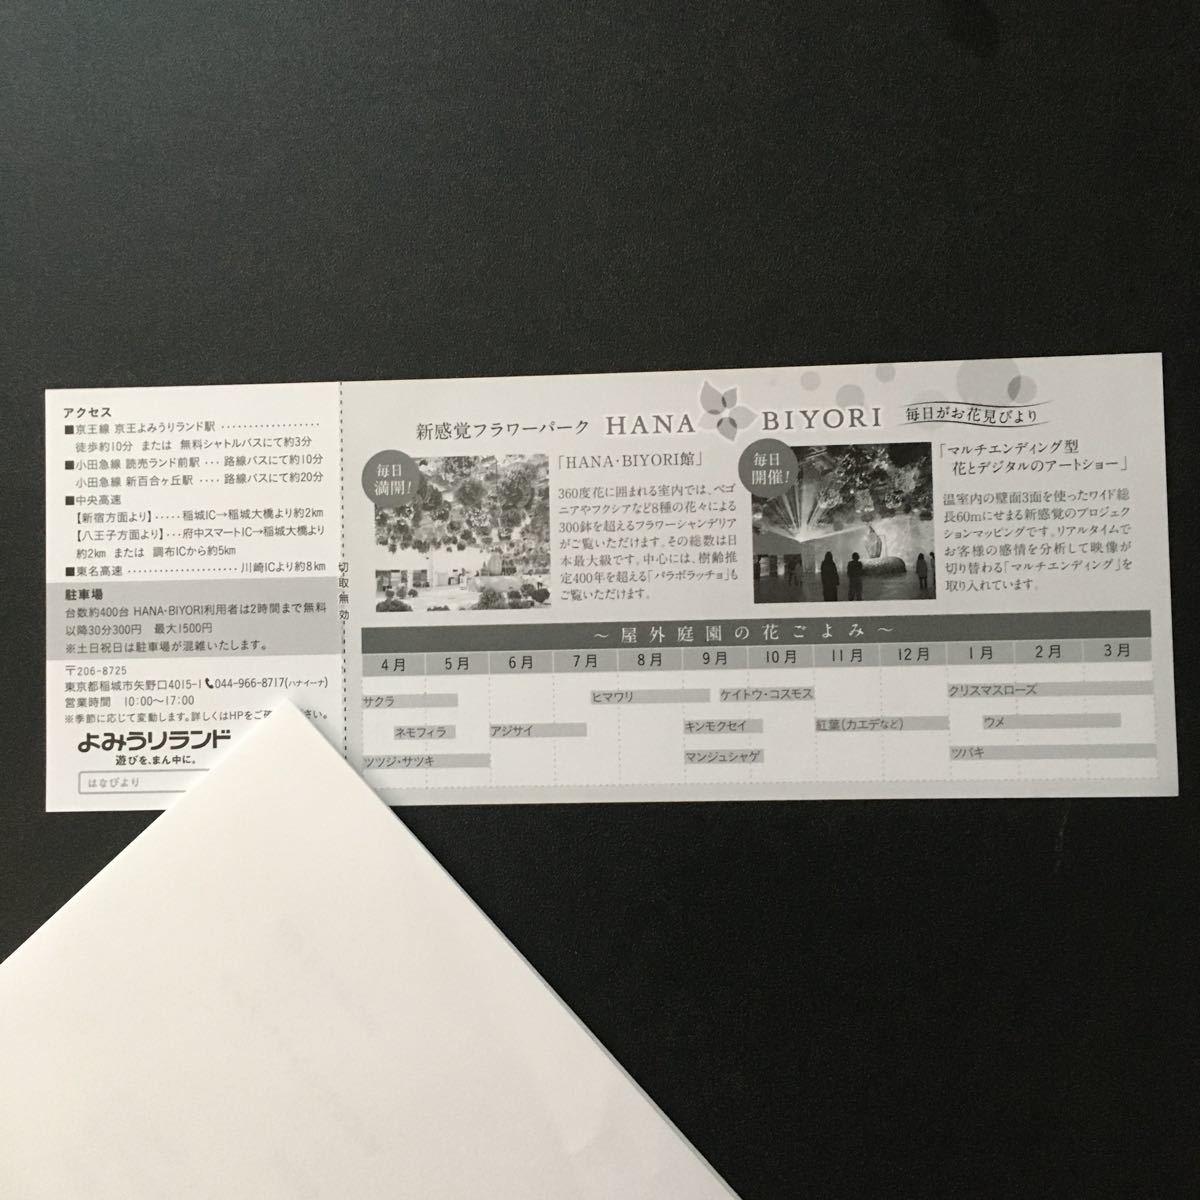 よみうりランド 株主優待券 HANA・BIYORI 入園ご招待券2枚セット(有効期限 2022年1月31日まで)_画像2